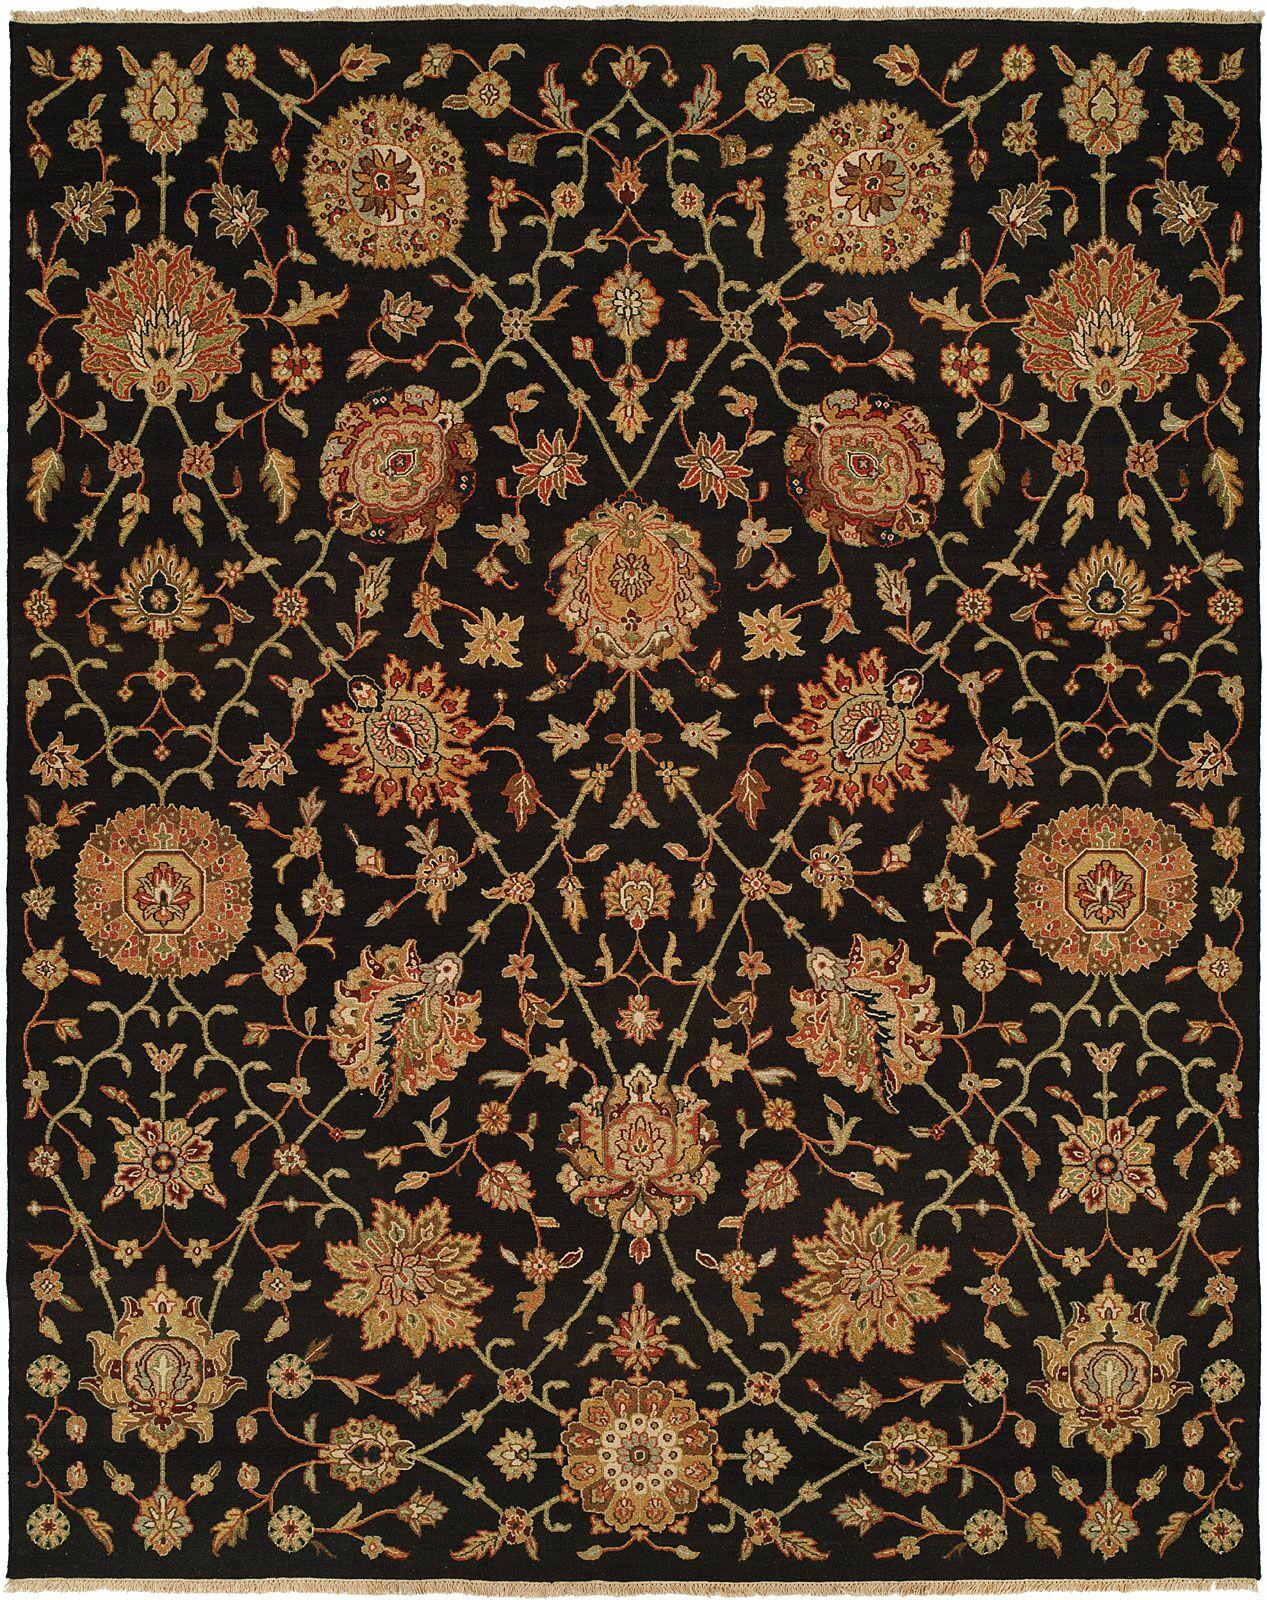 San Lorenzo Hand-Woven Black/Brown Area Rug Rug Size: Rectangle 3' x 5'